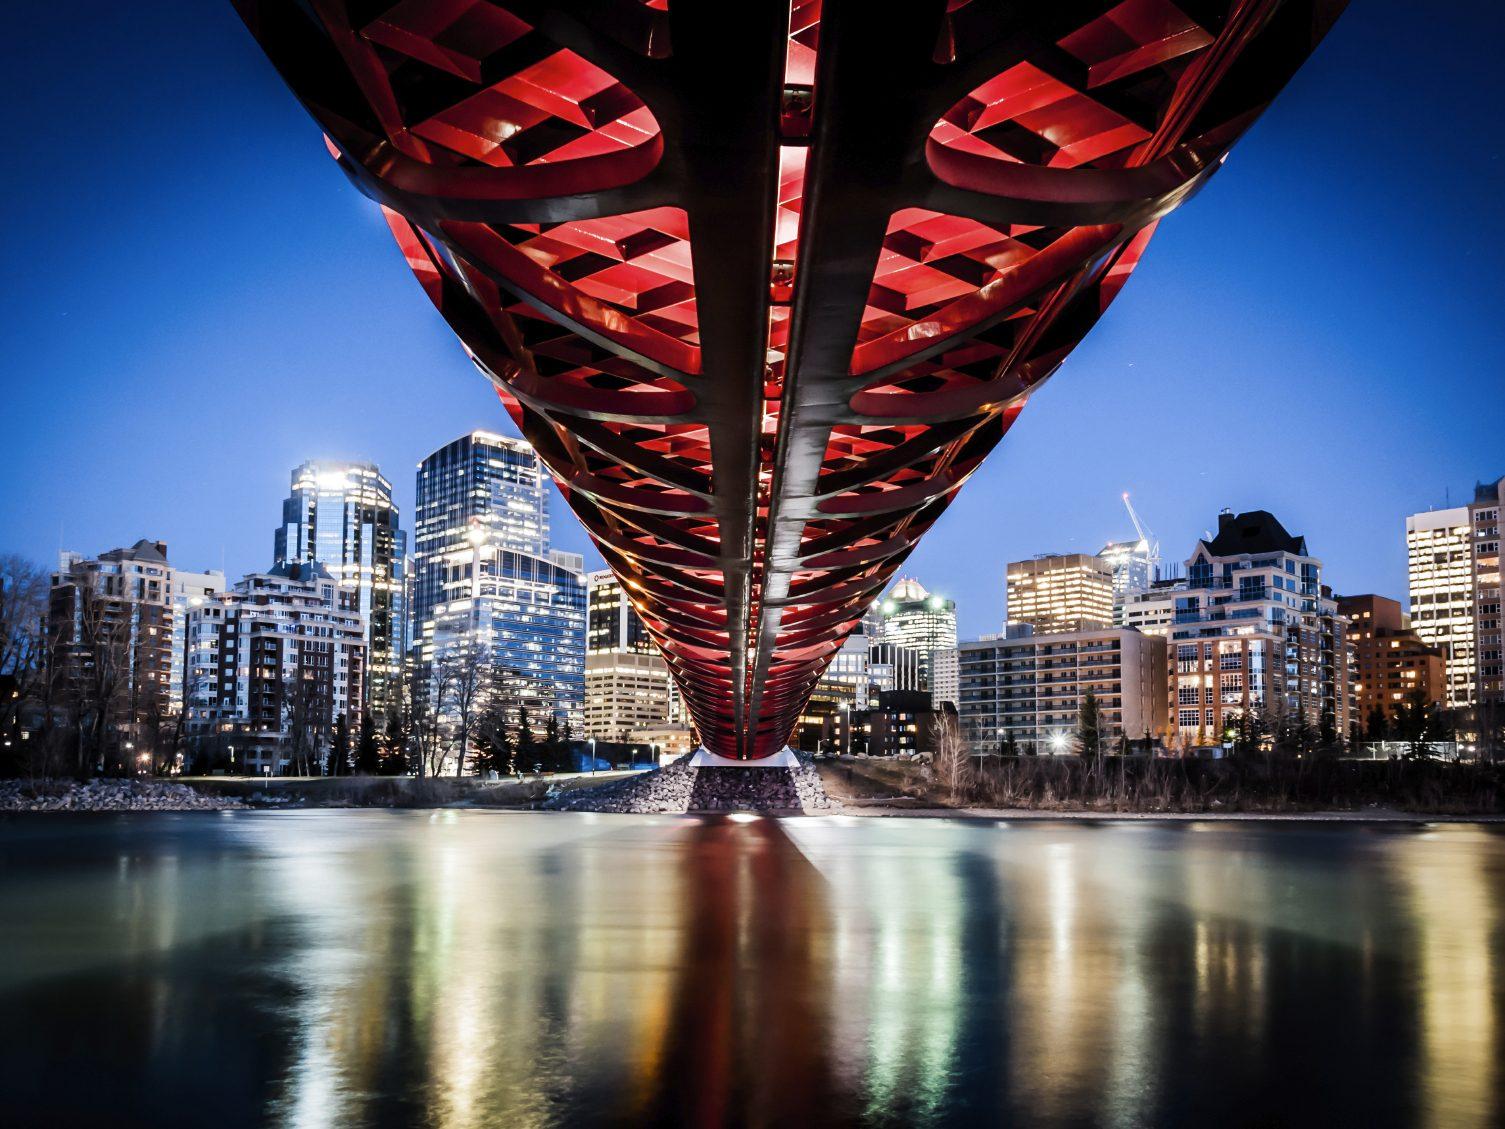 4. Calgary, Alberta